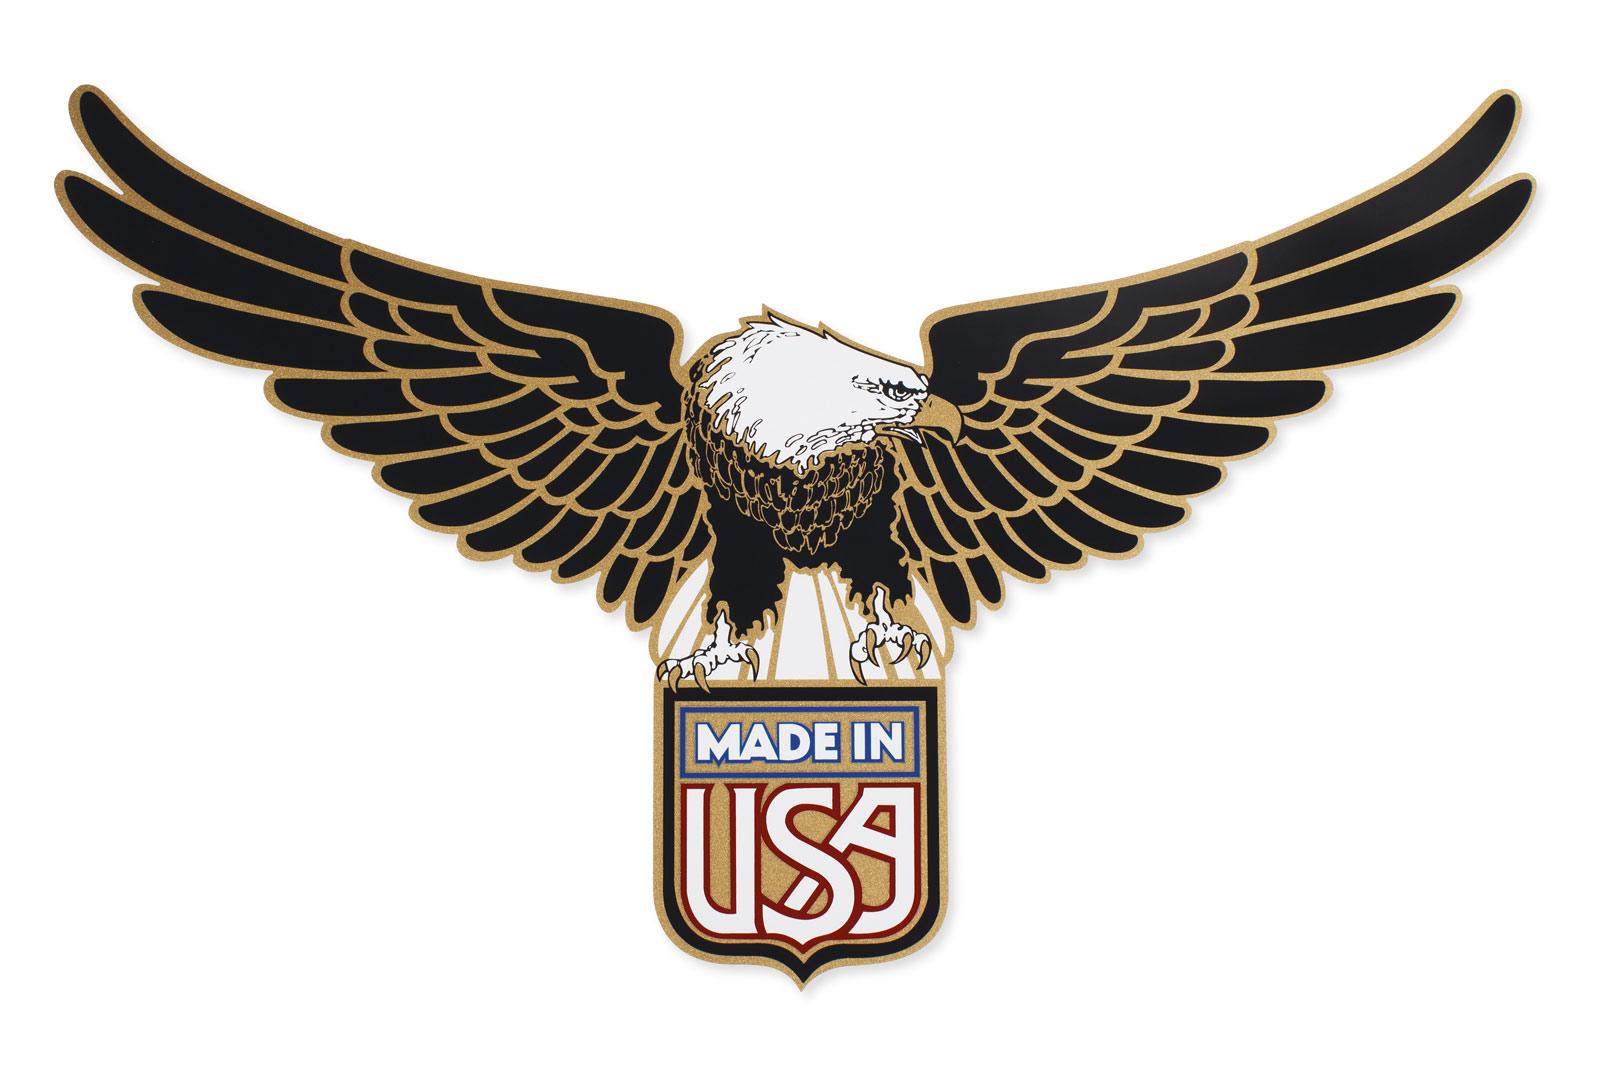 14093 84 harley davidson eagle verkleidungsaufkleber im. Black Bedroom Furniture Sets. Home Design Ideas